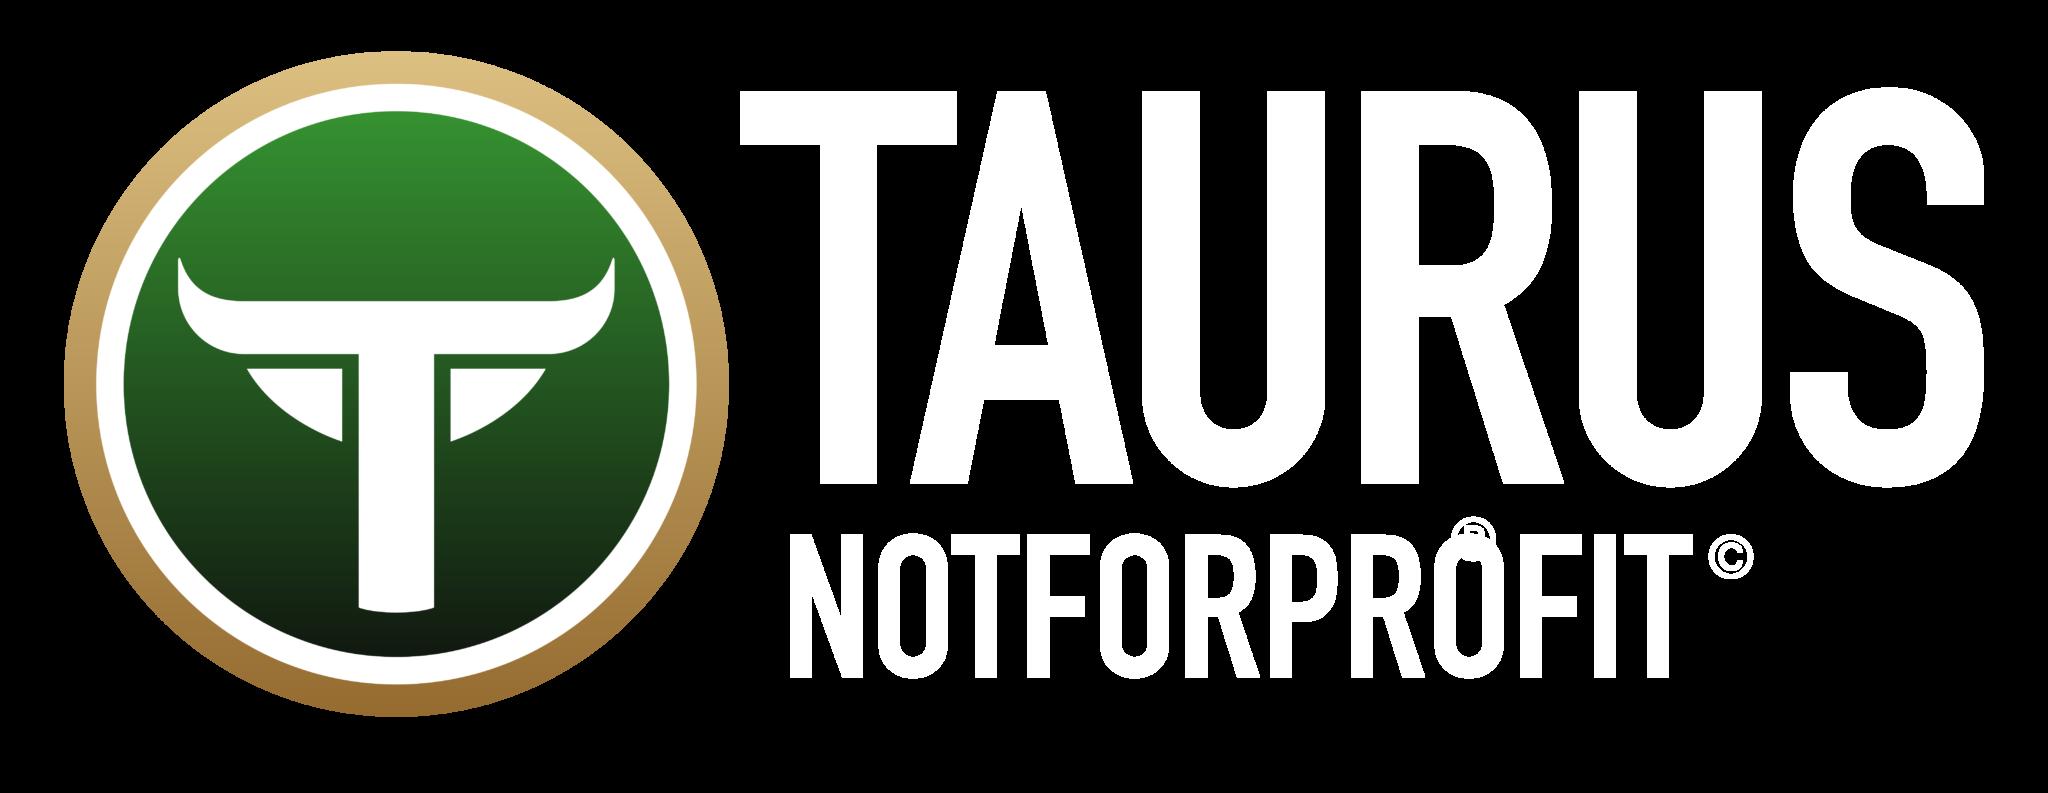 Taurus Branding Suite Master doc 54